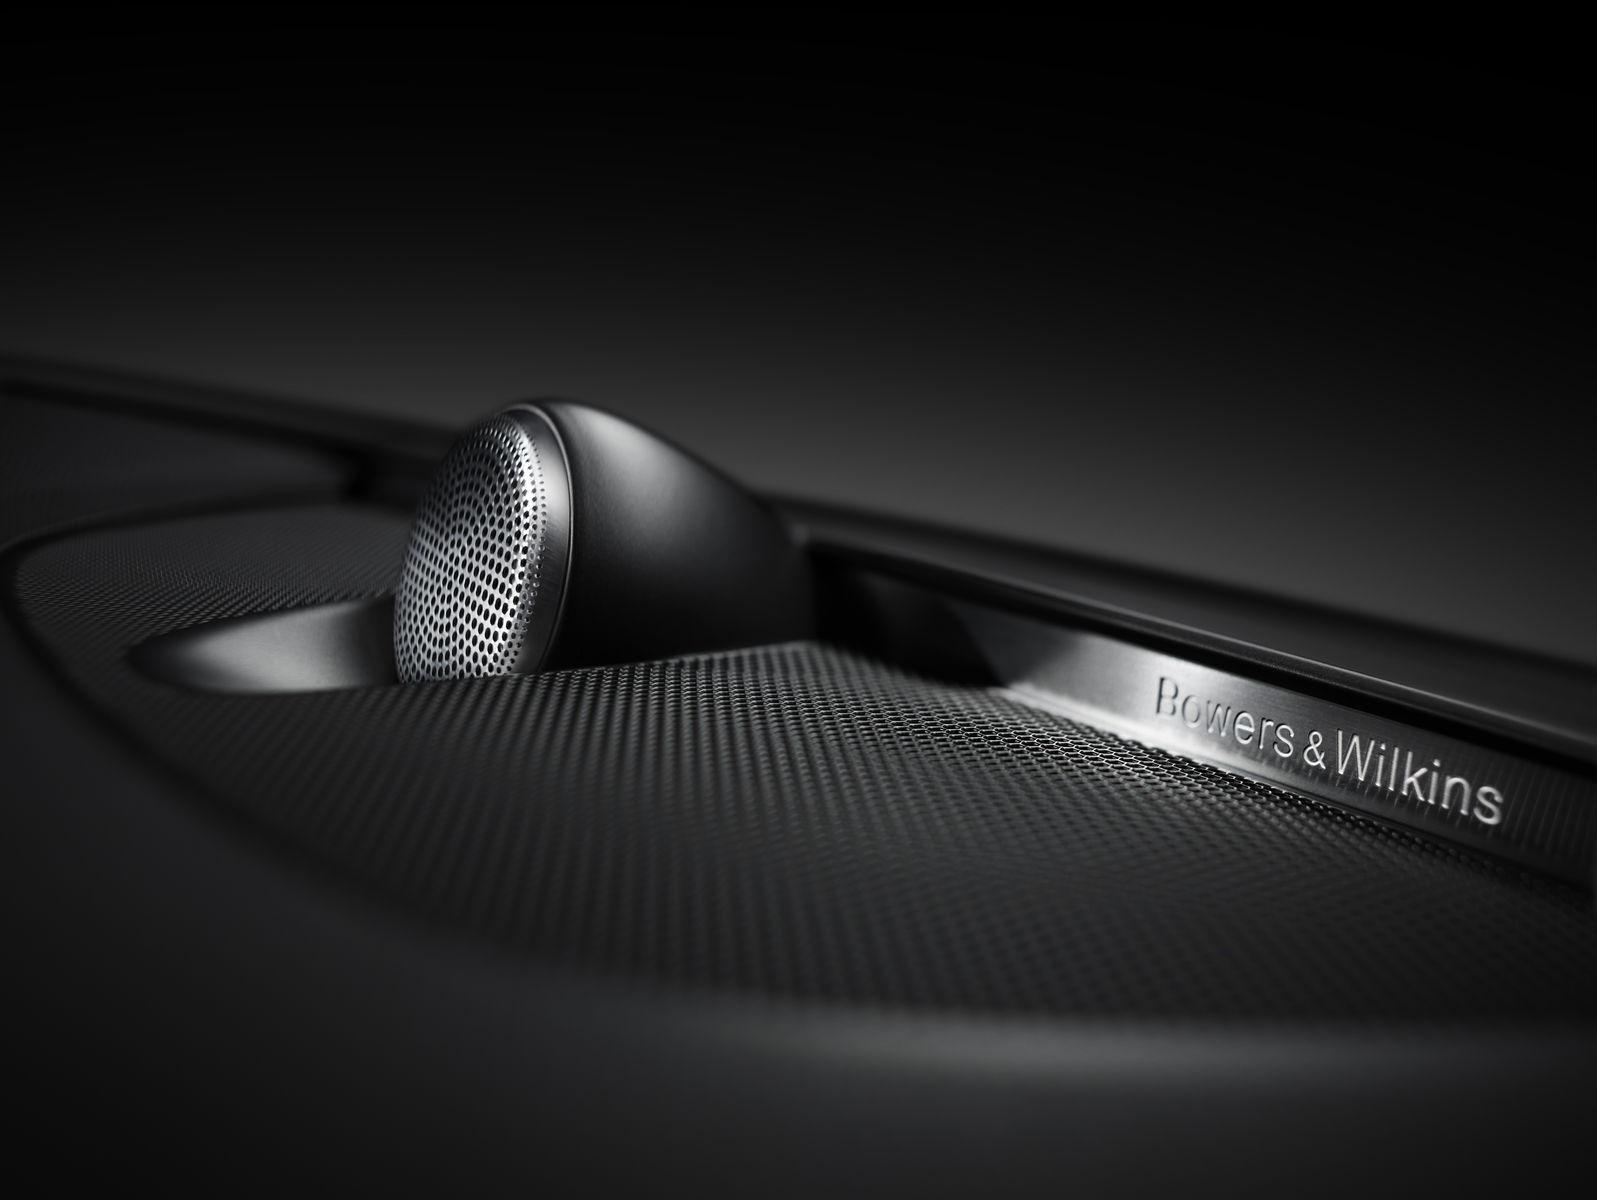 2016 Volvo XC90 | 2016 Volvo XC90 Bowers & Wilkins Audio